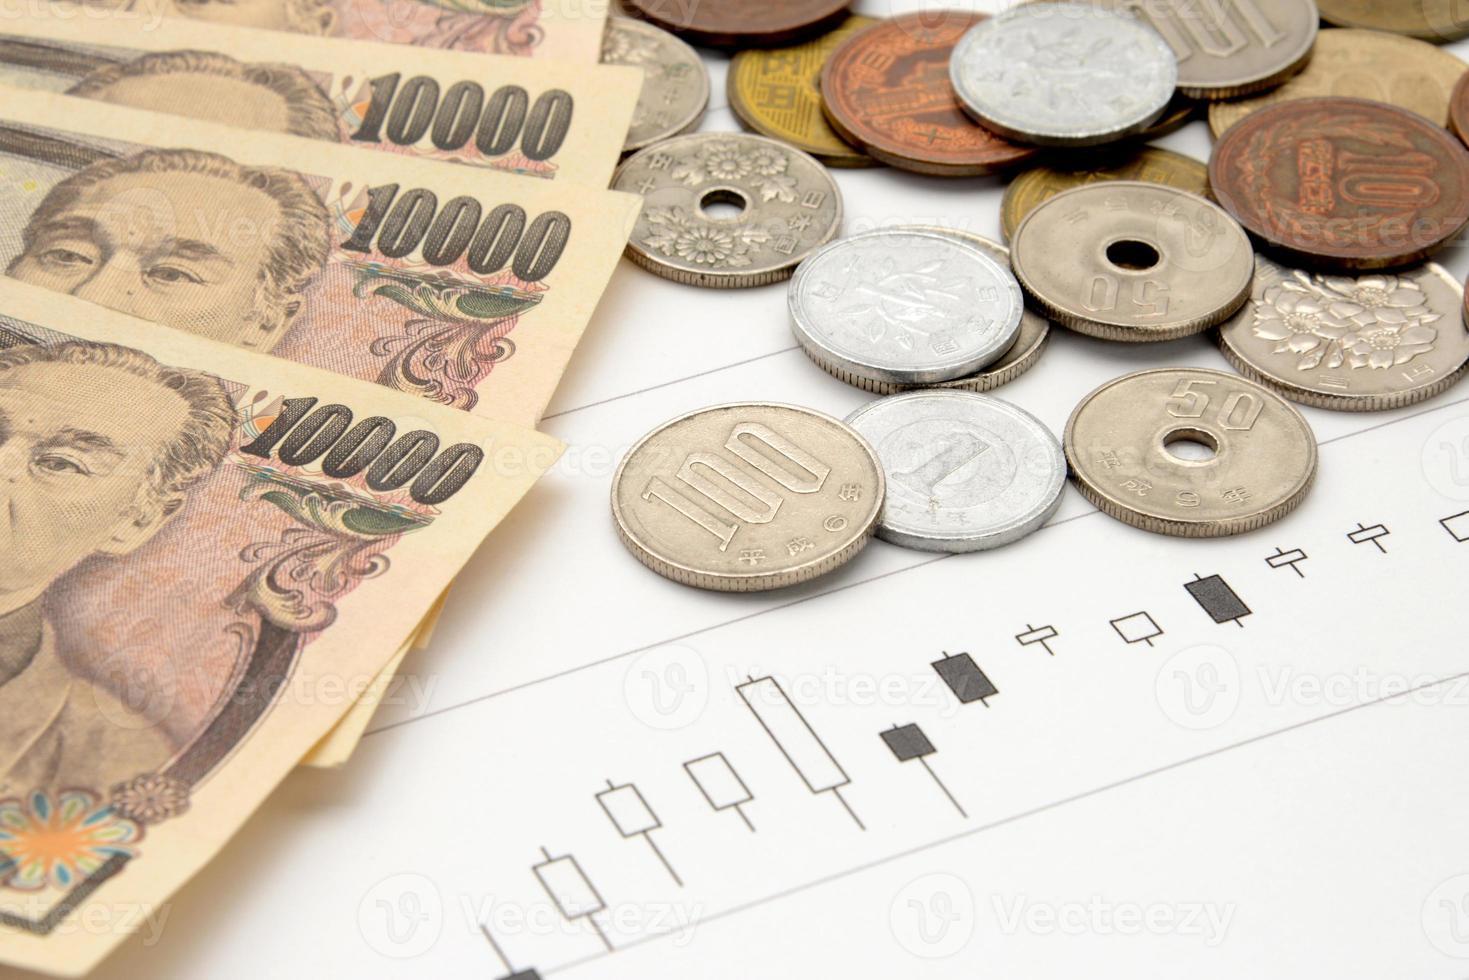 aandelenkoersgrafiek en Japanse valuta foto